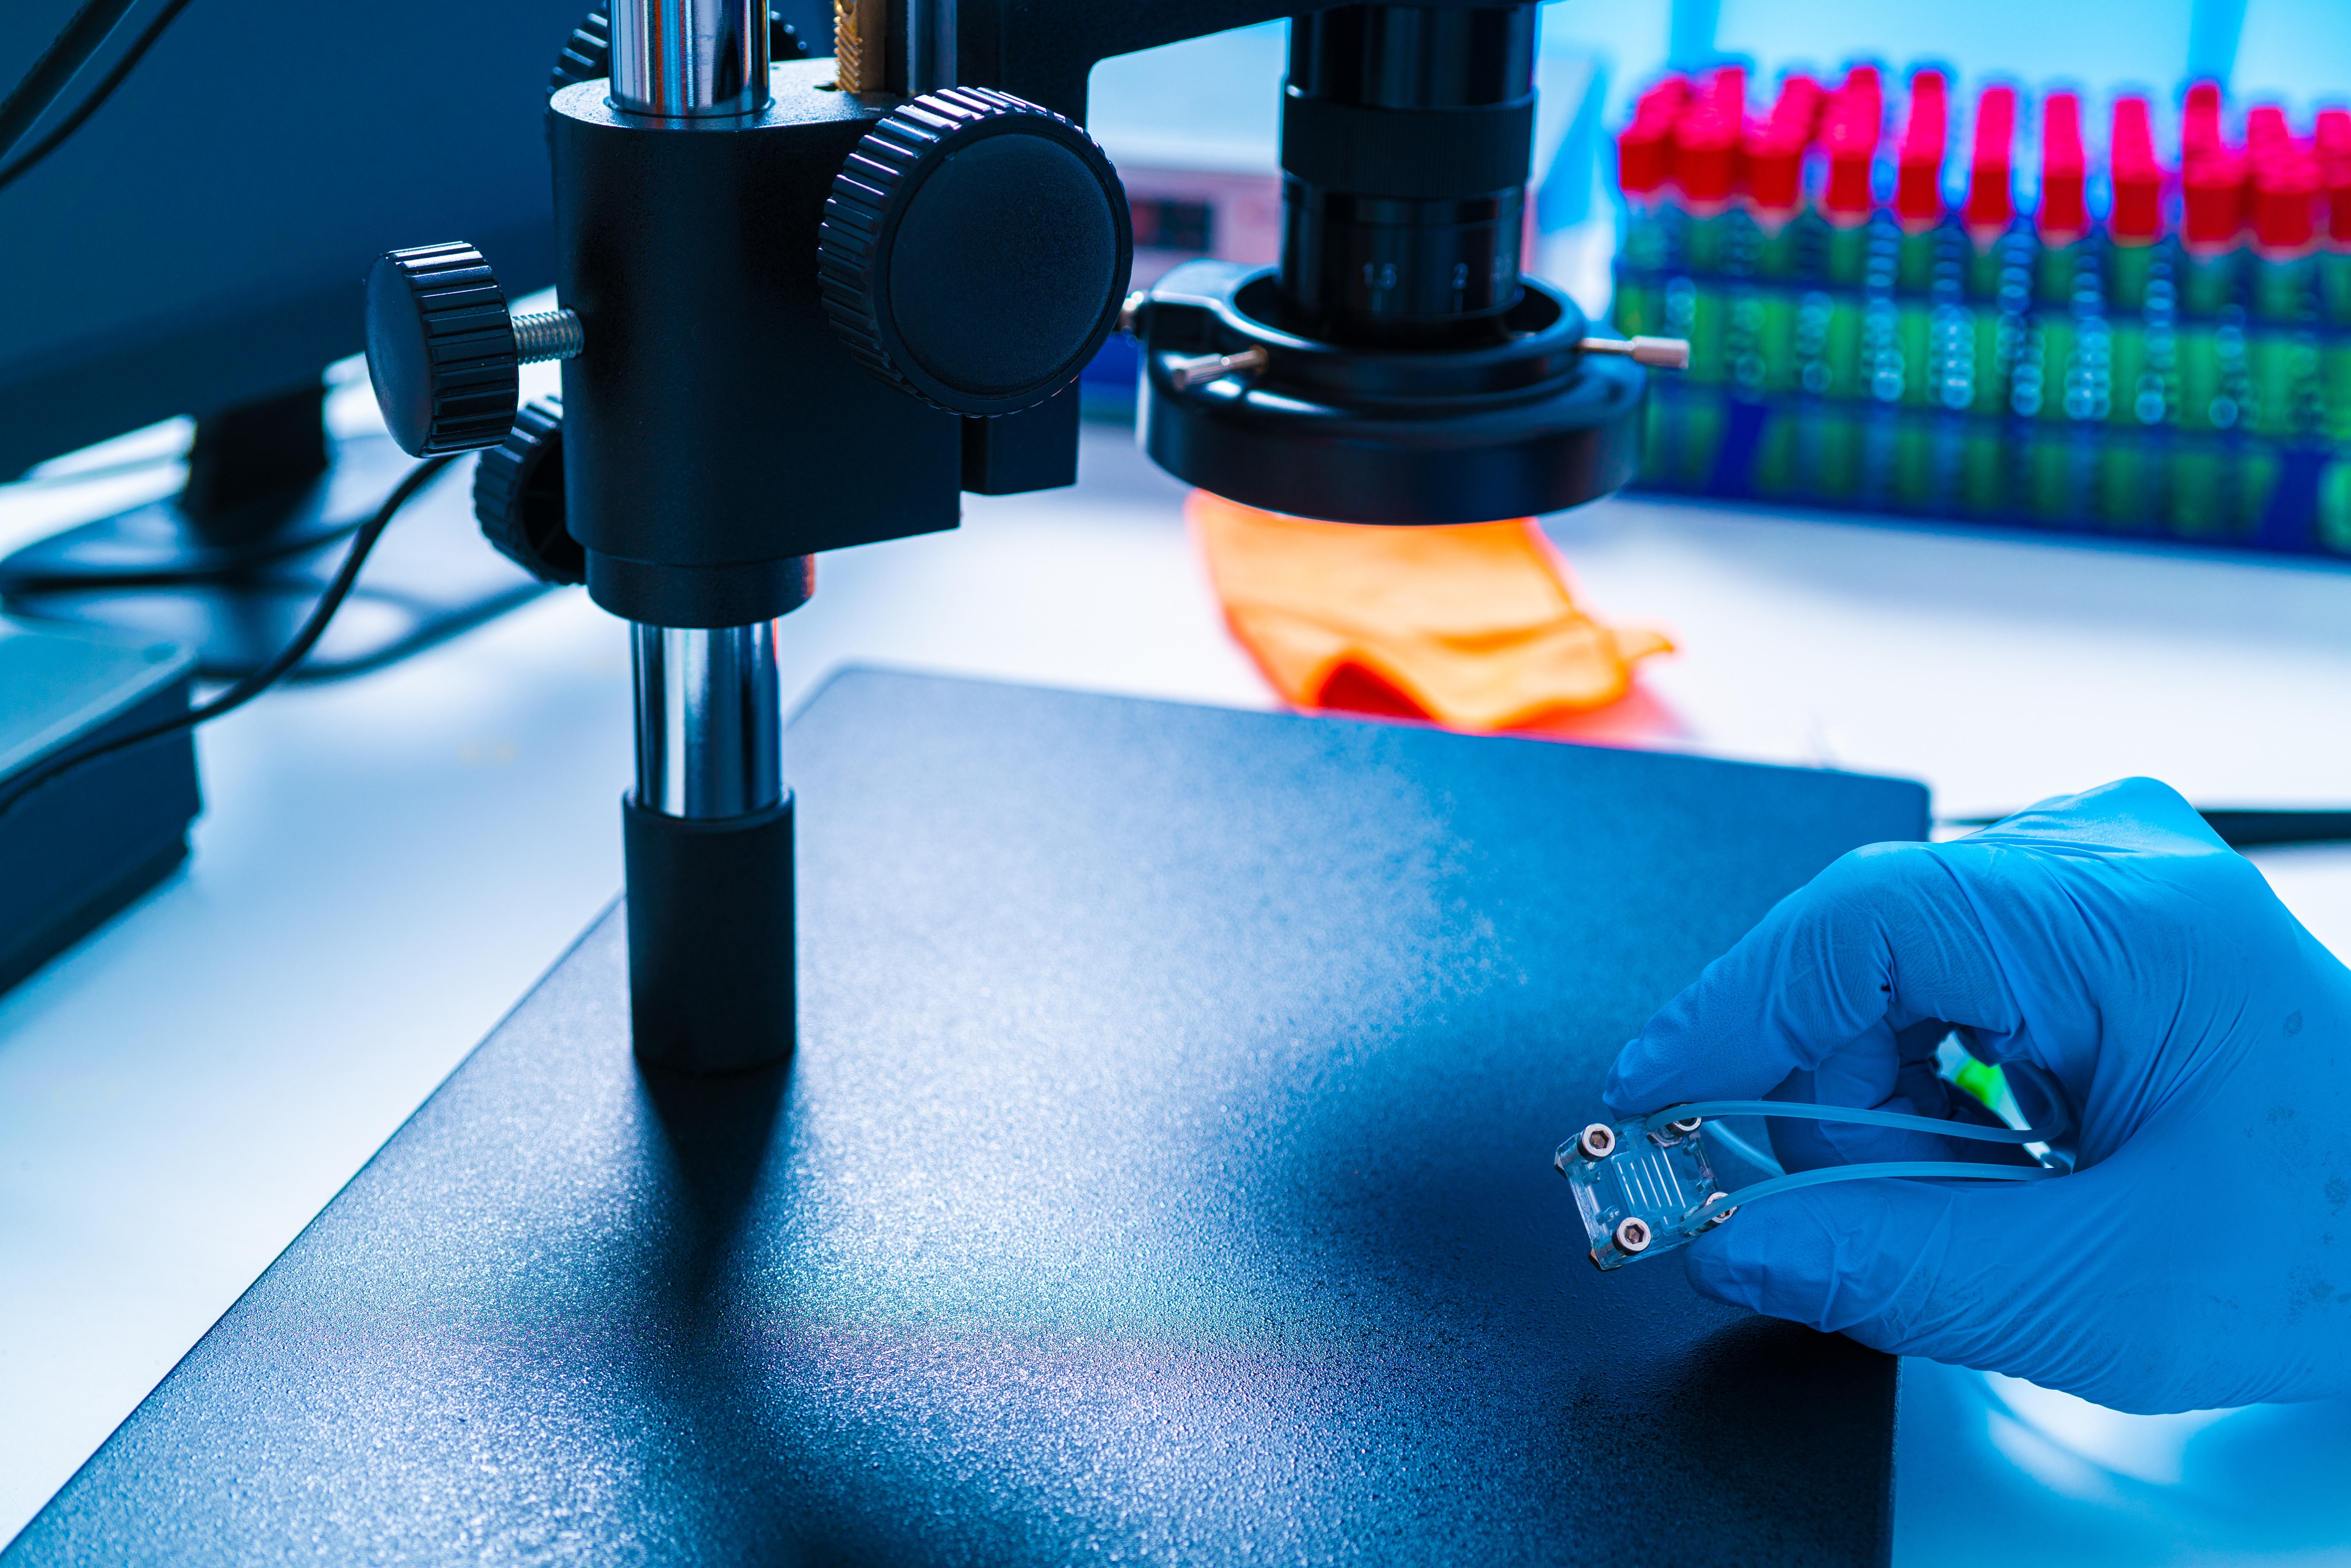 Voilà un test basé sur un capteur électrochimique à base de papier capable de détecter le COVID-19 en moins de 5 minutes (Adobe Stock 326042749)